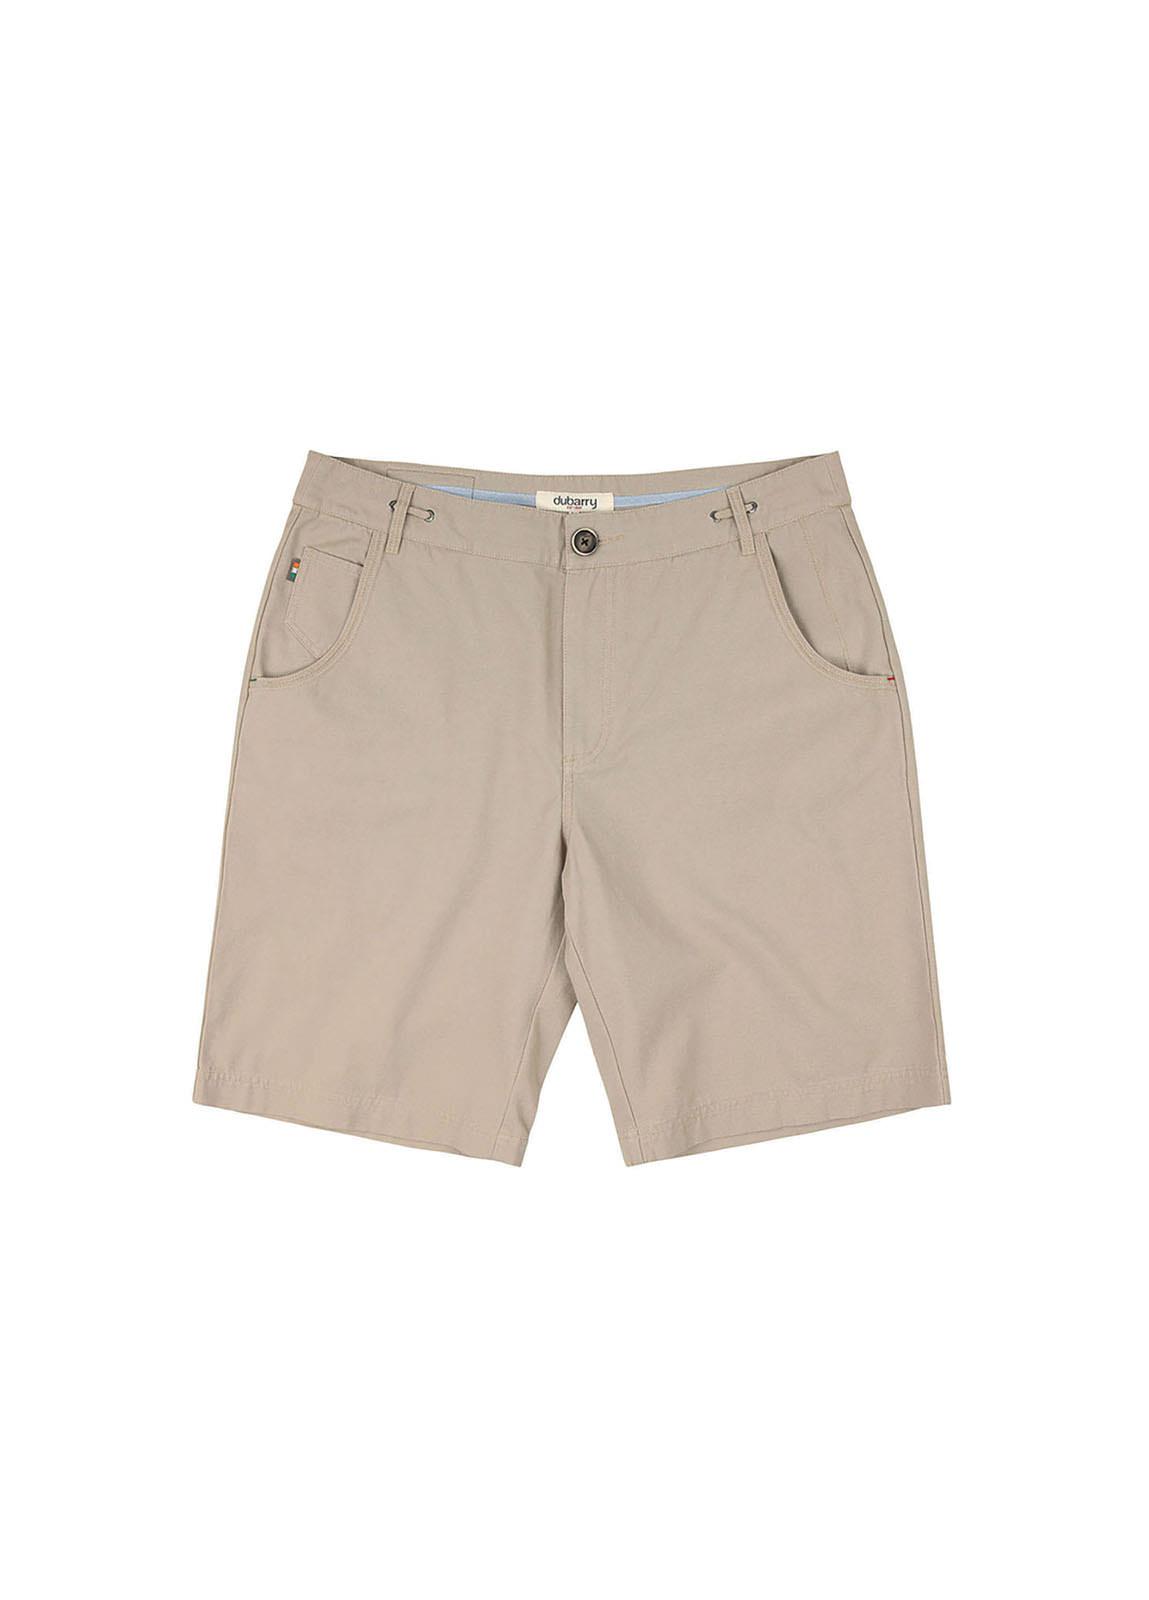 Erne Mens Shorts - Sand